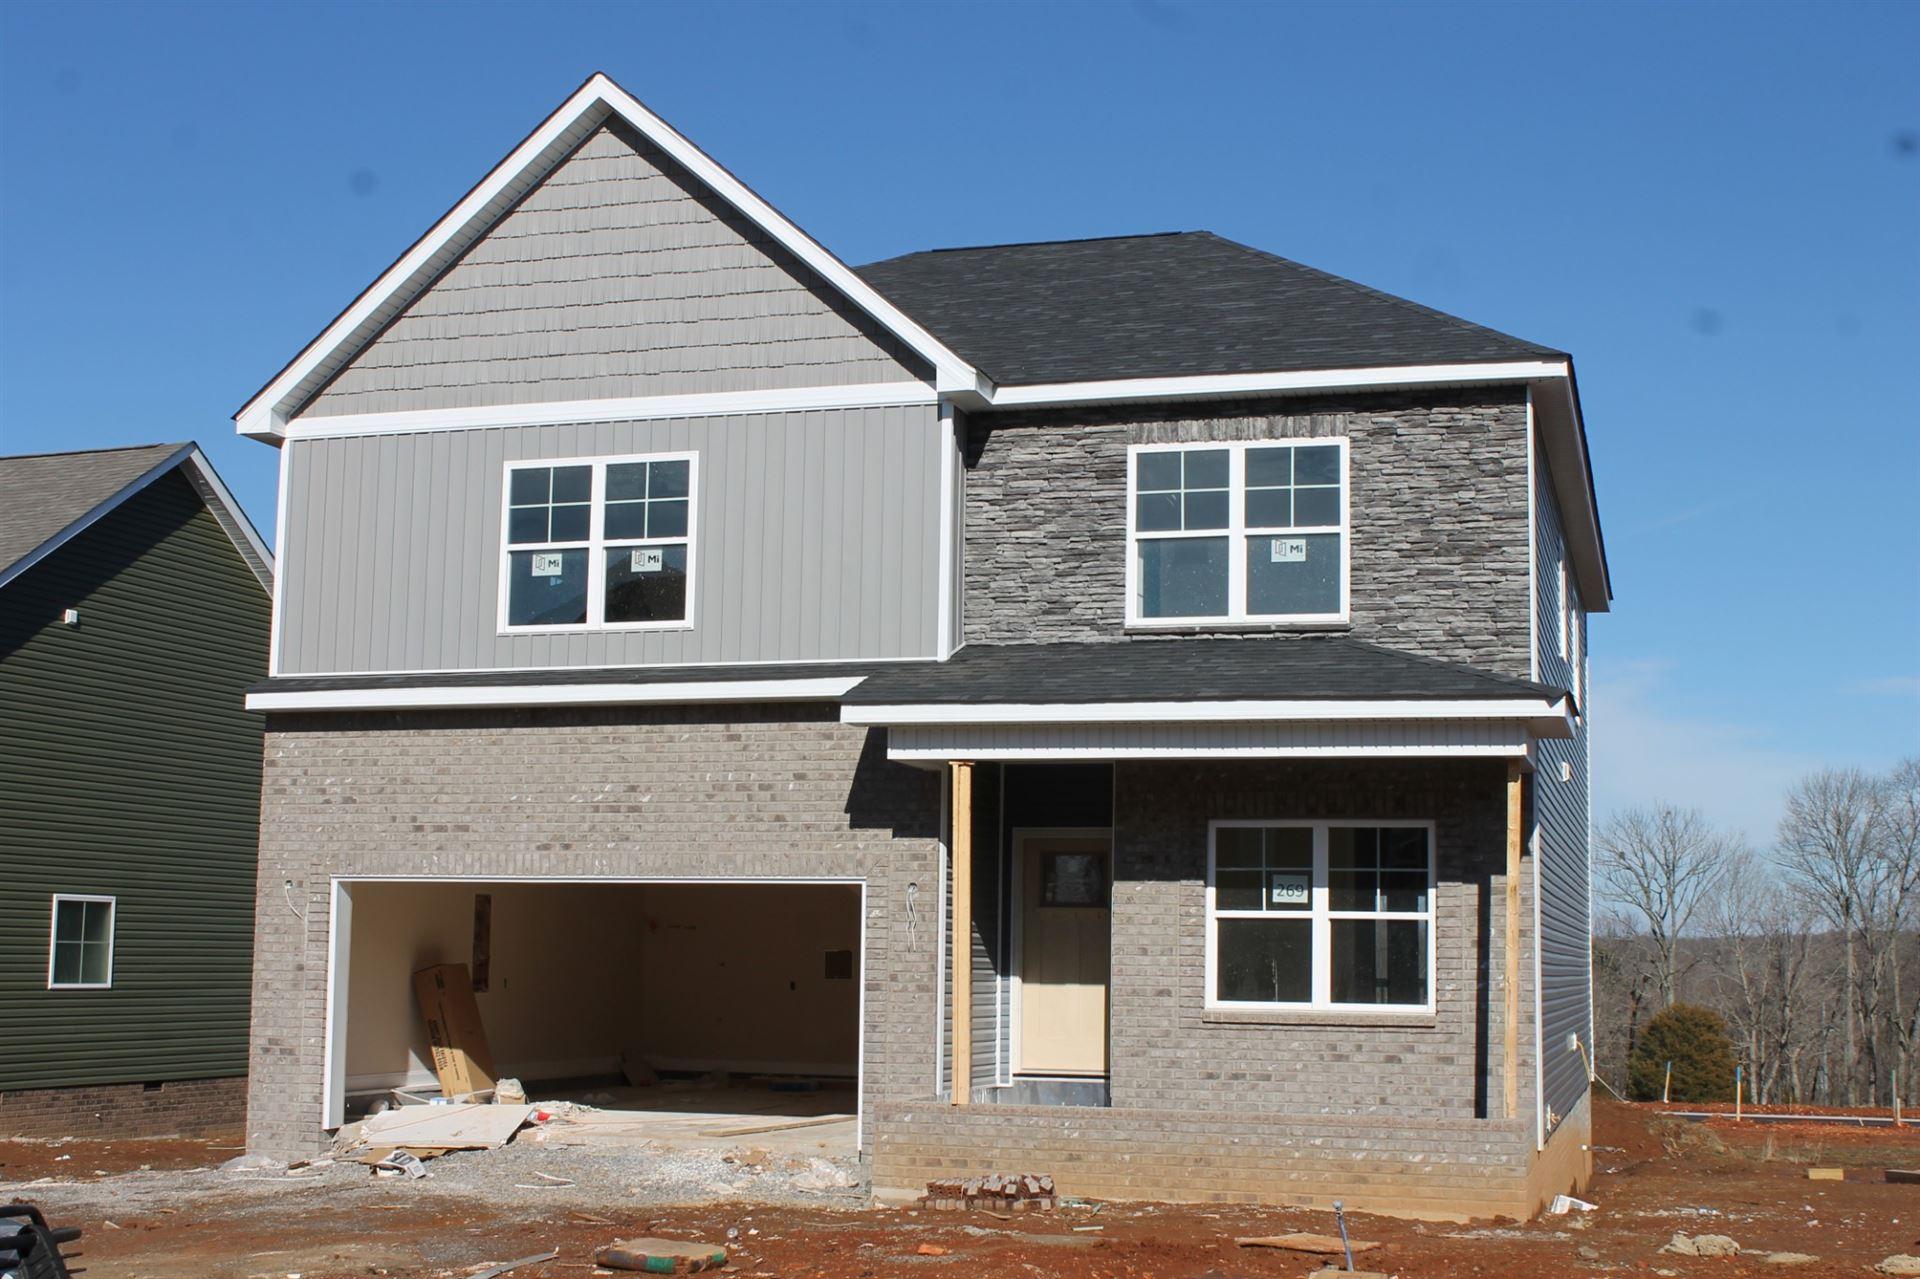 1089 Harrison Way (Lot 269), Clarksville, TN 37042 - MLS#: 2208344